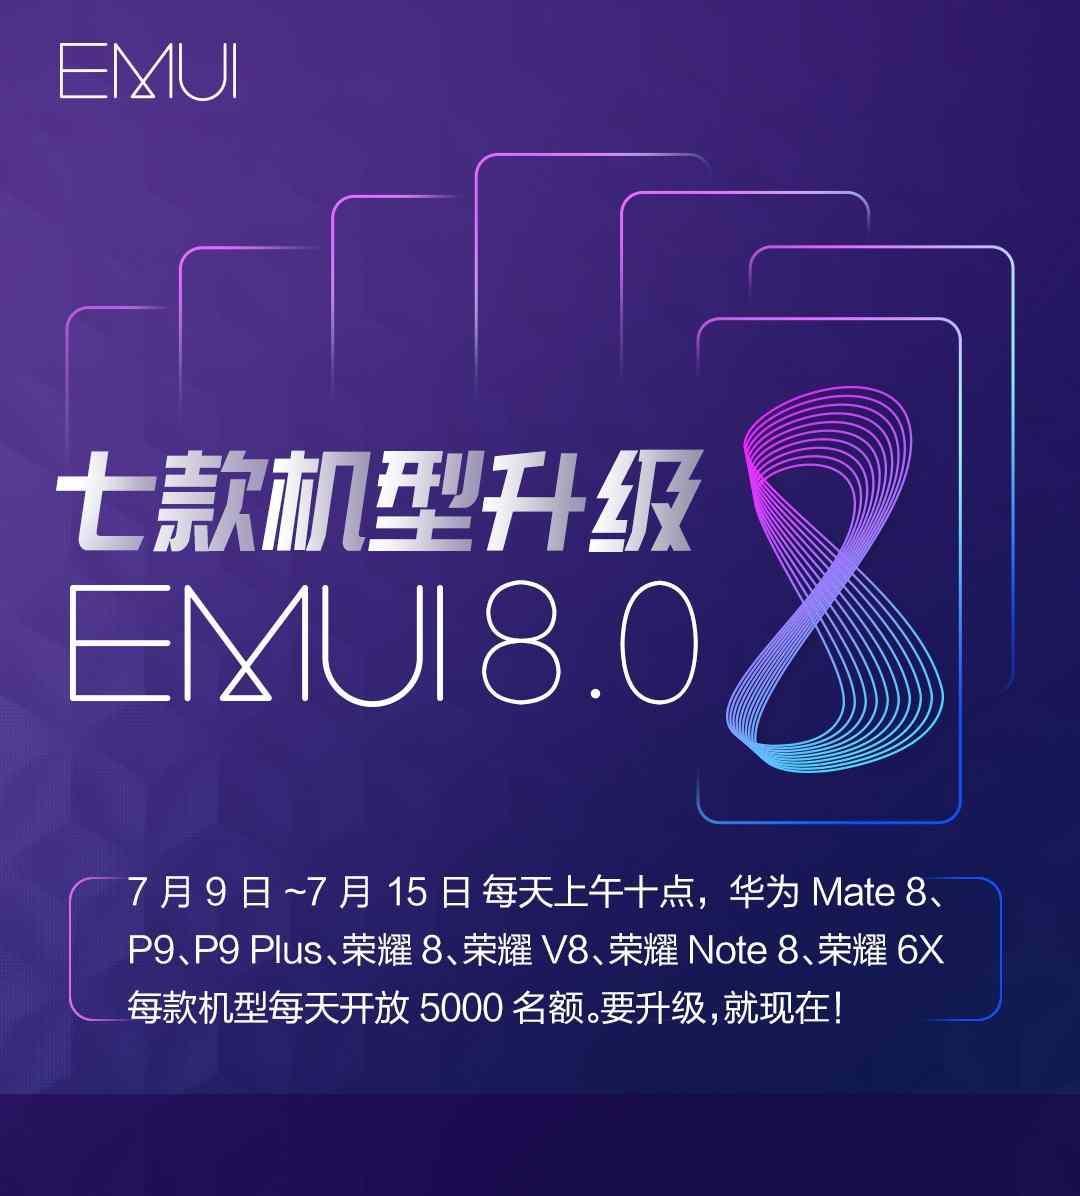 honor-8-huawei-p9-android-8-0-oreo-emui-8-0-01